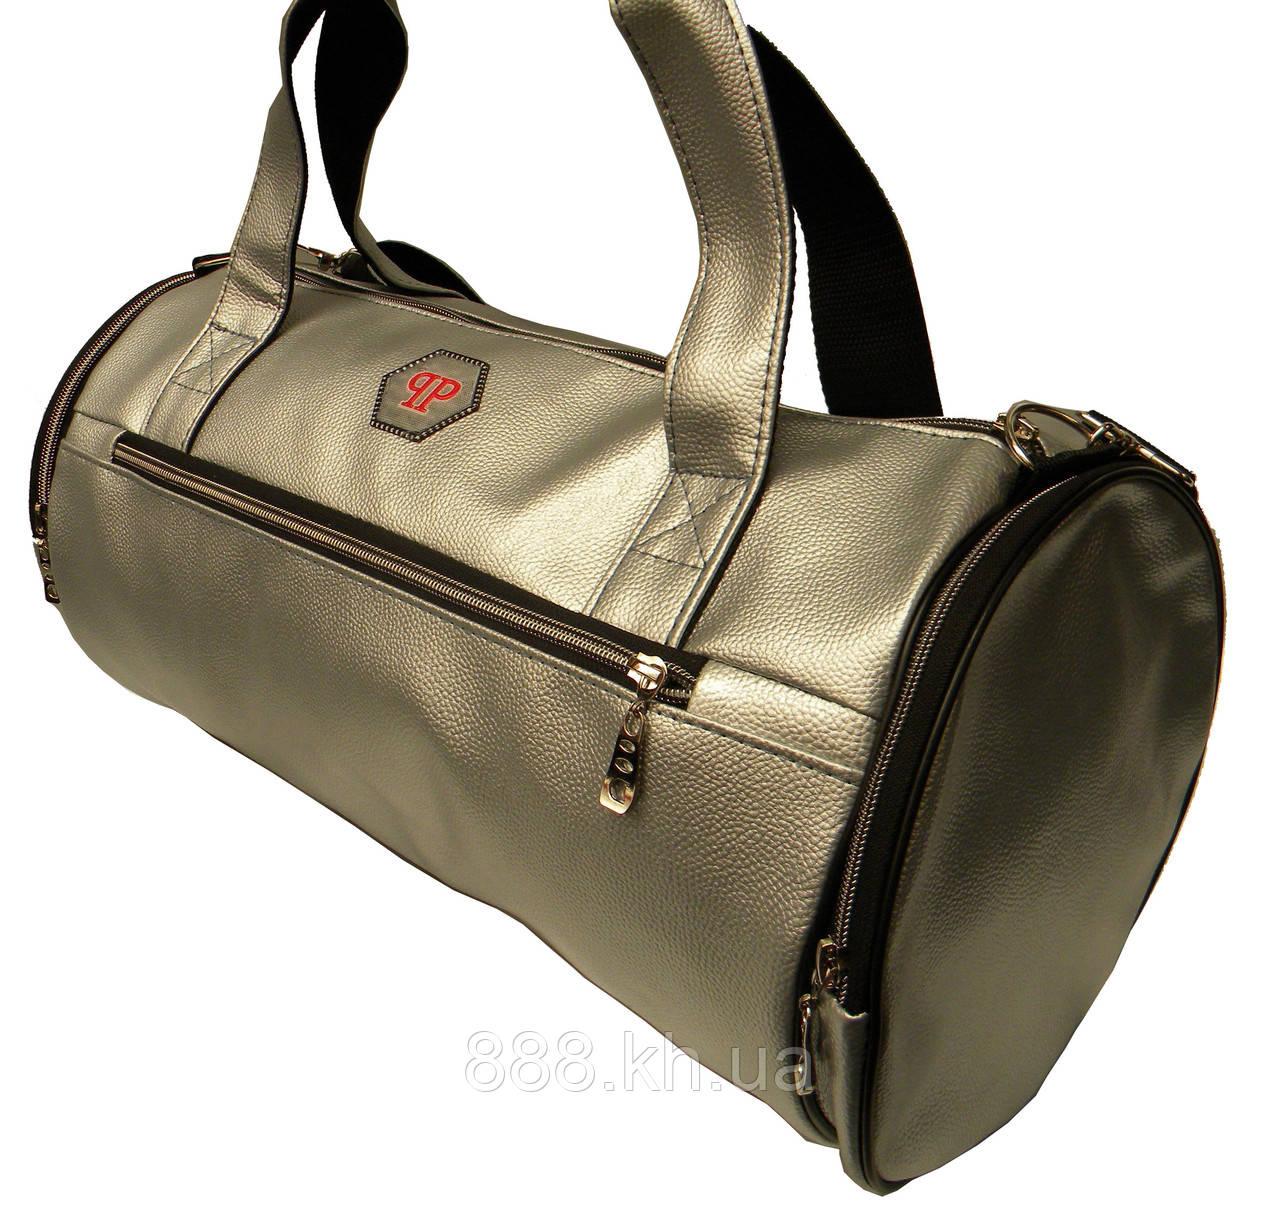 71e10528 Кожаная сумка бочка Philipp Plein, мужская сумка, женская сумка для  тренировок Филипп Плейн реплика